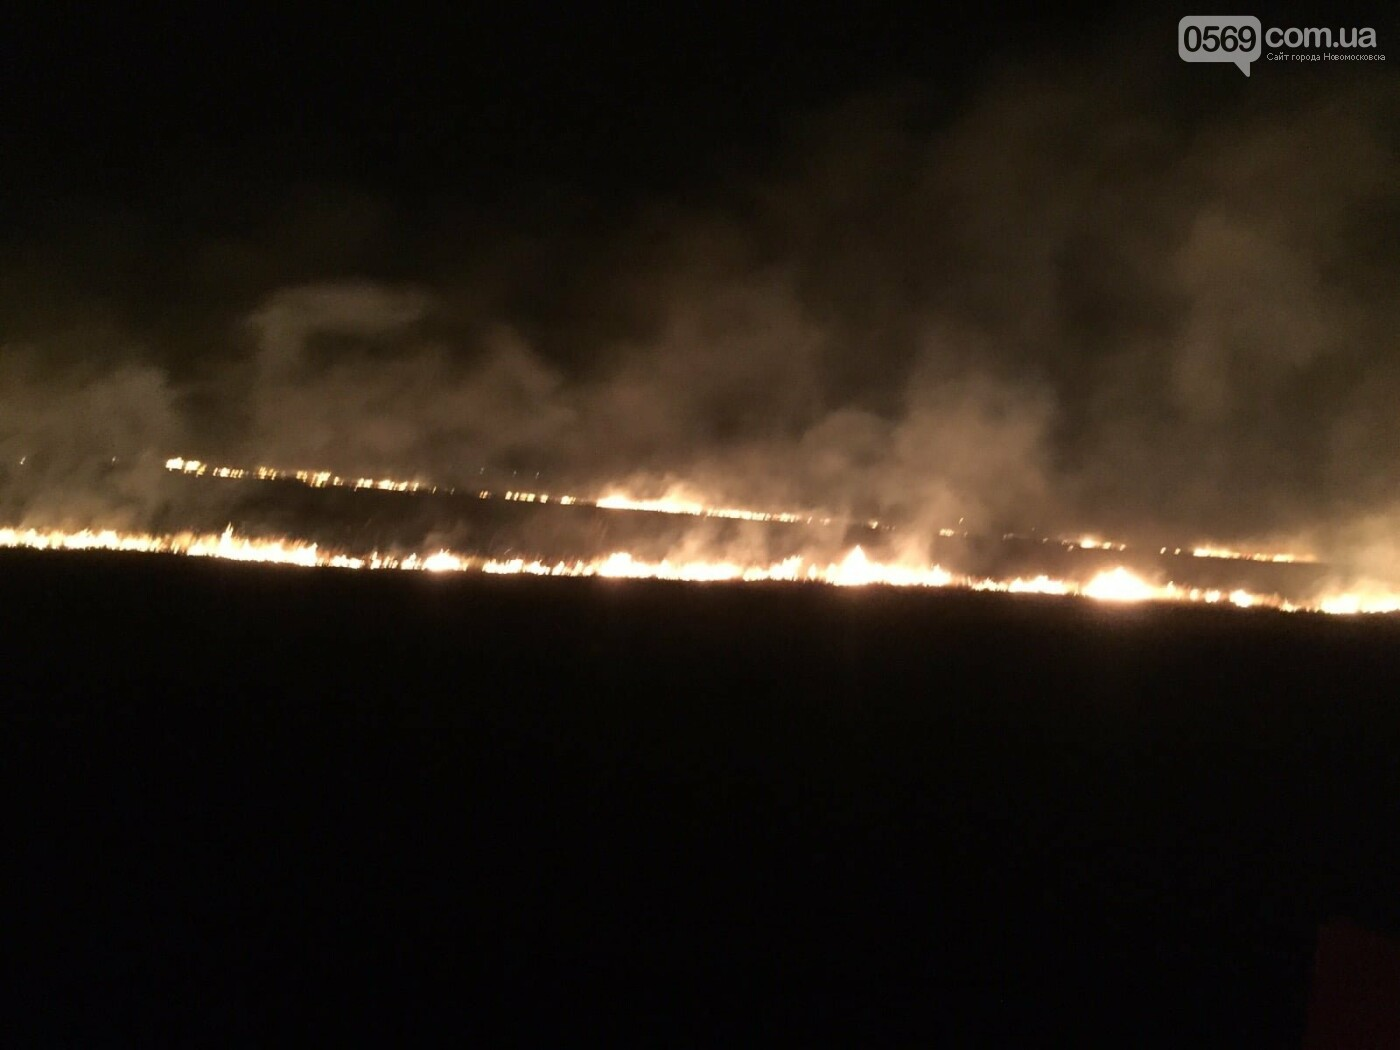 У ніч на 5 вересня більше сотні рятувальників і військових гасили під Новомосковськом масштабну пожежу, фото-2